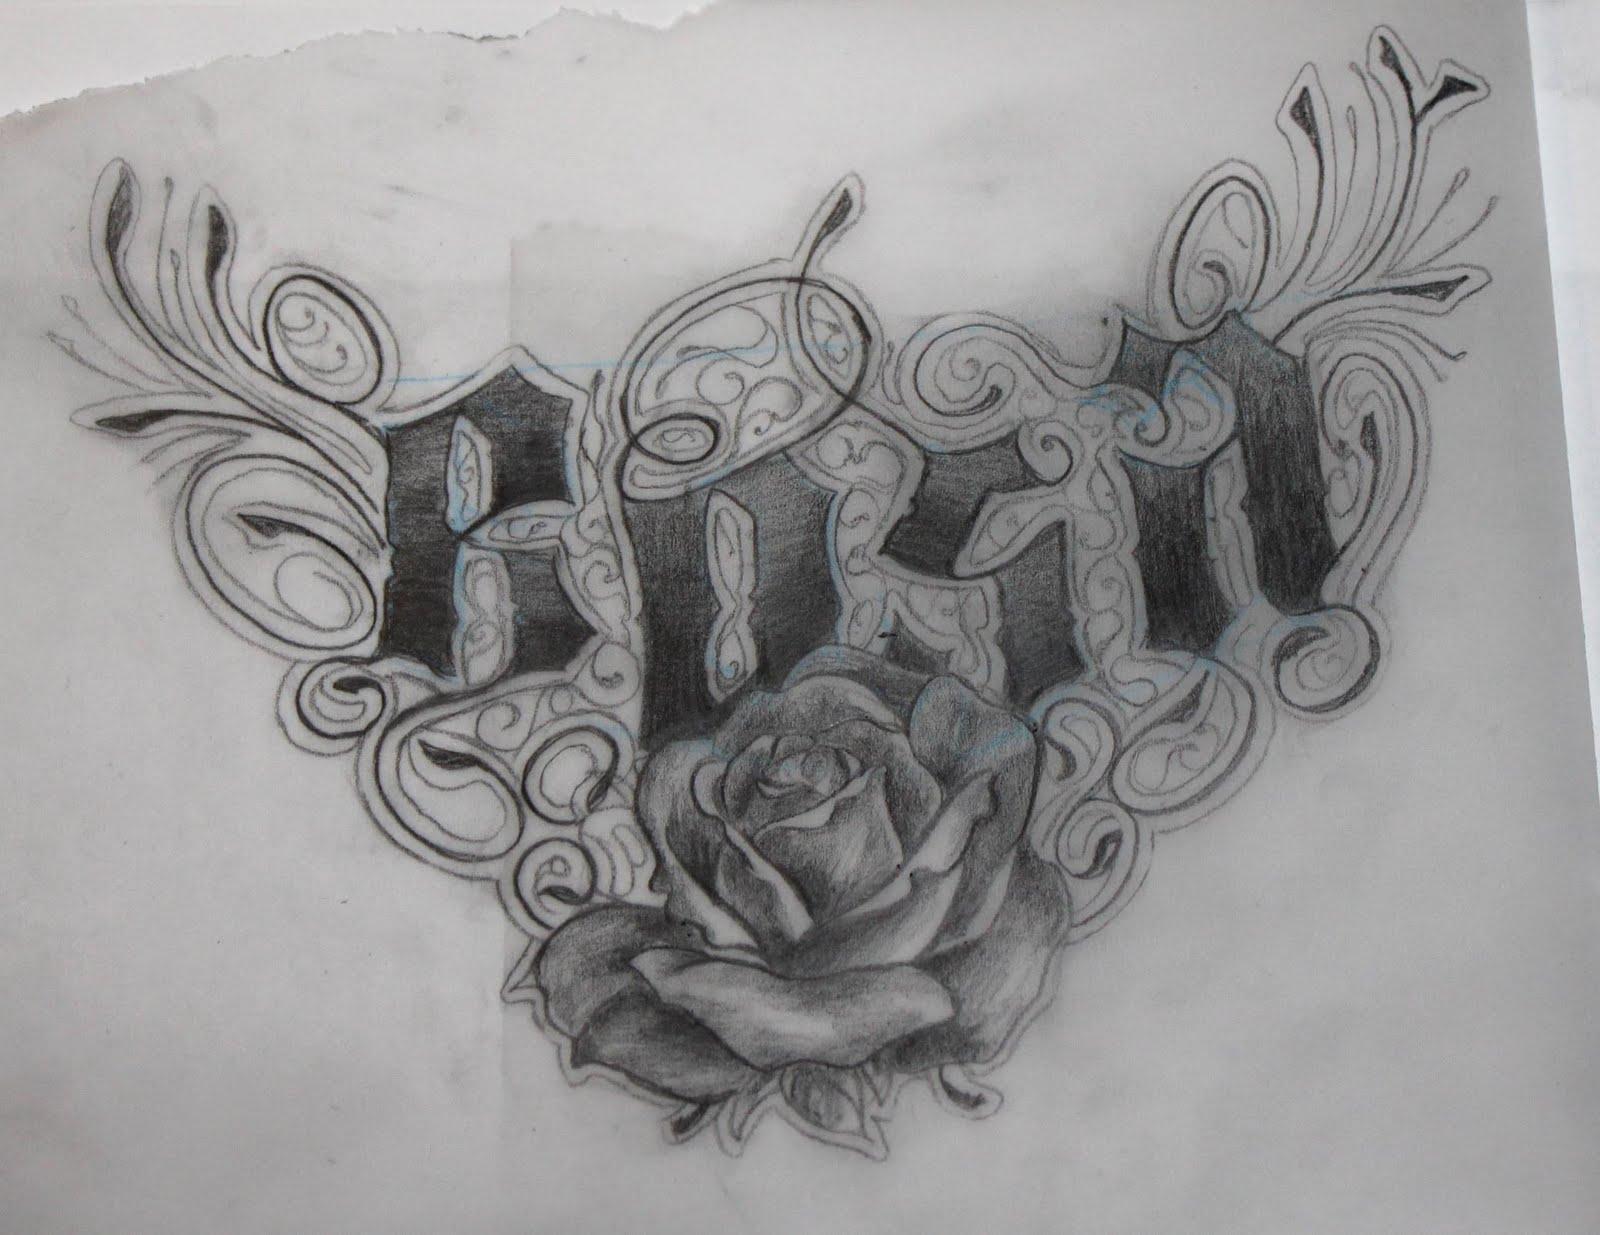 Pin Dibujos Lapiz Hip Hop Graffiti Pelautscom on Pinterest